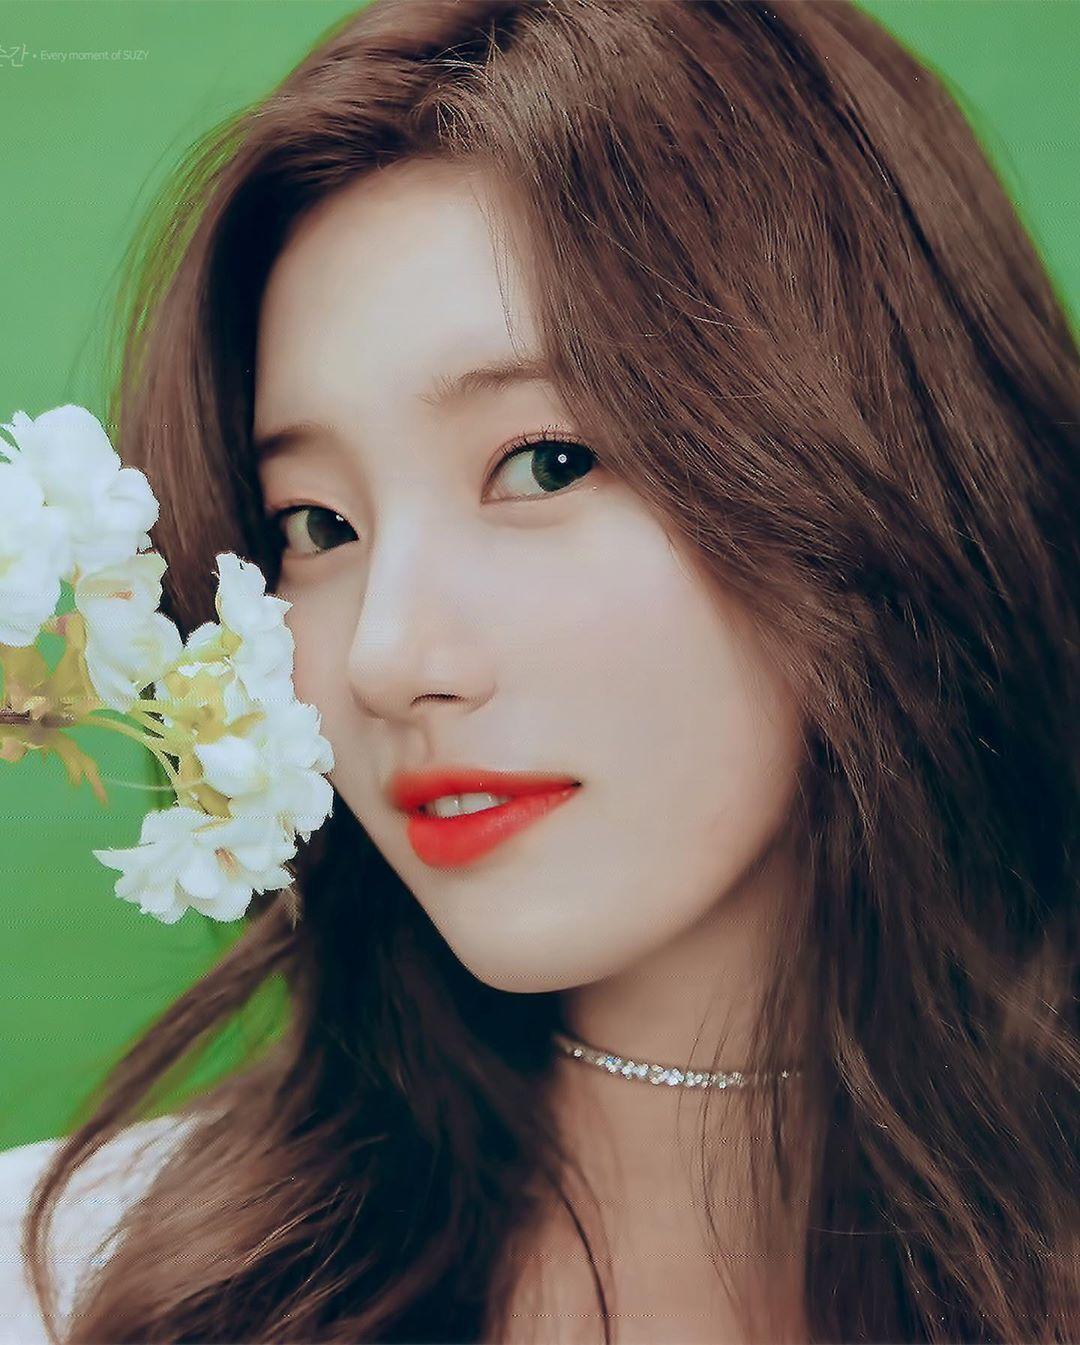 韩国网友票选《有史以来最美韩国女演员》,全智贤居然没进前10名!插图5